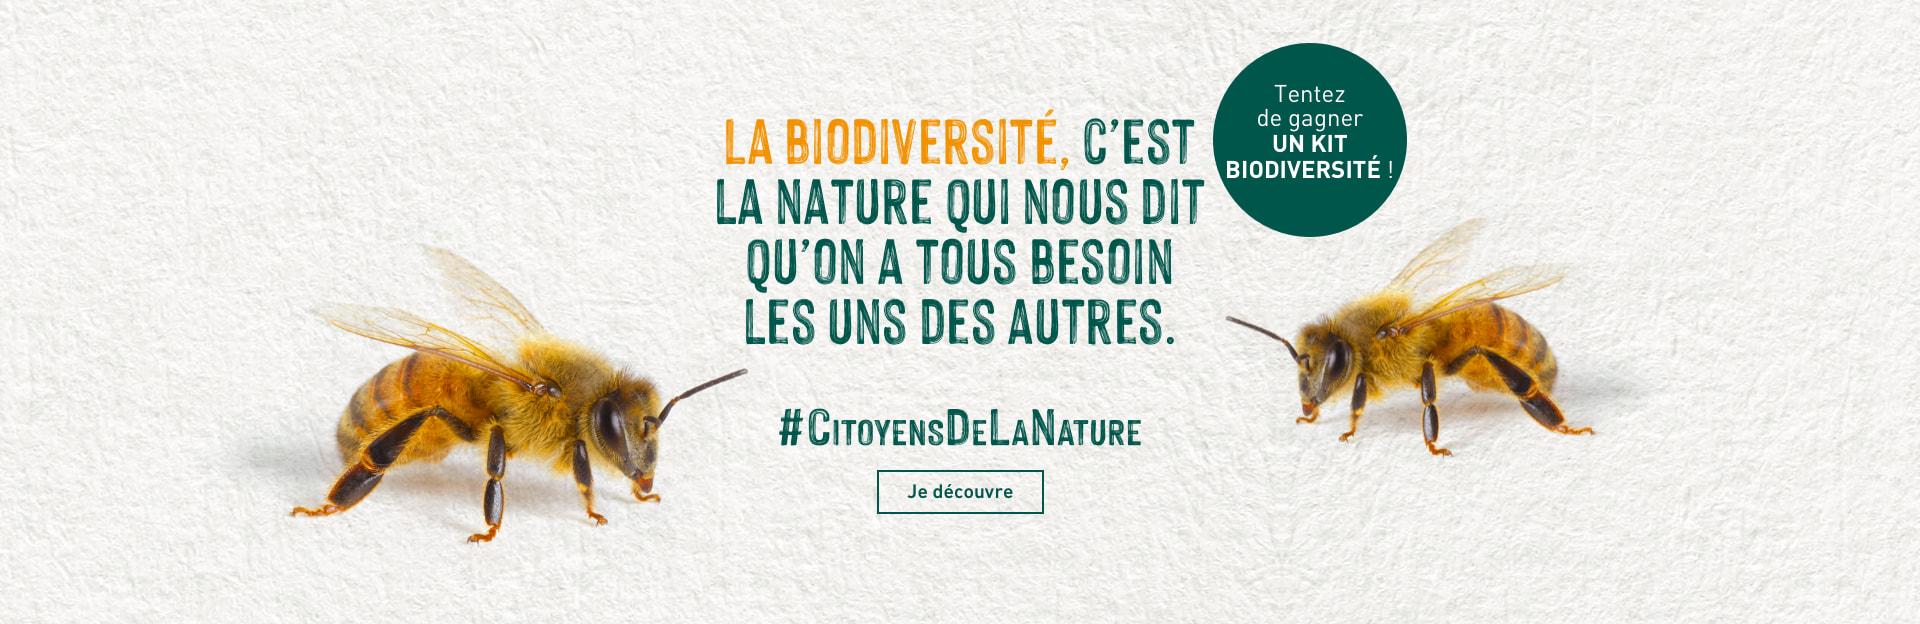 Invitez la biodiversité chez vous!